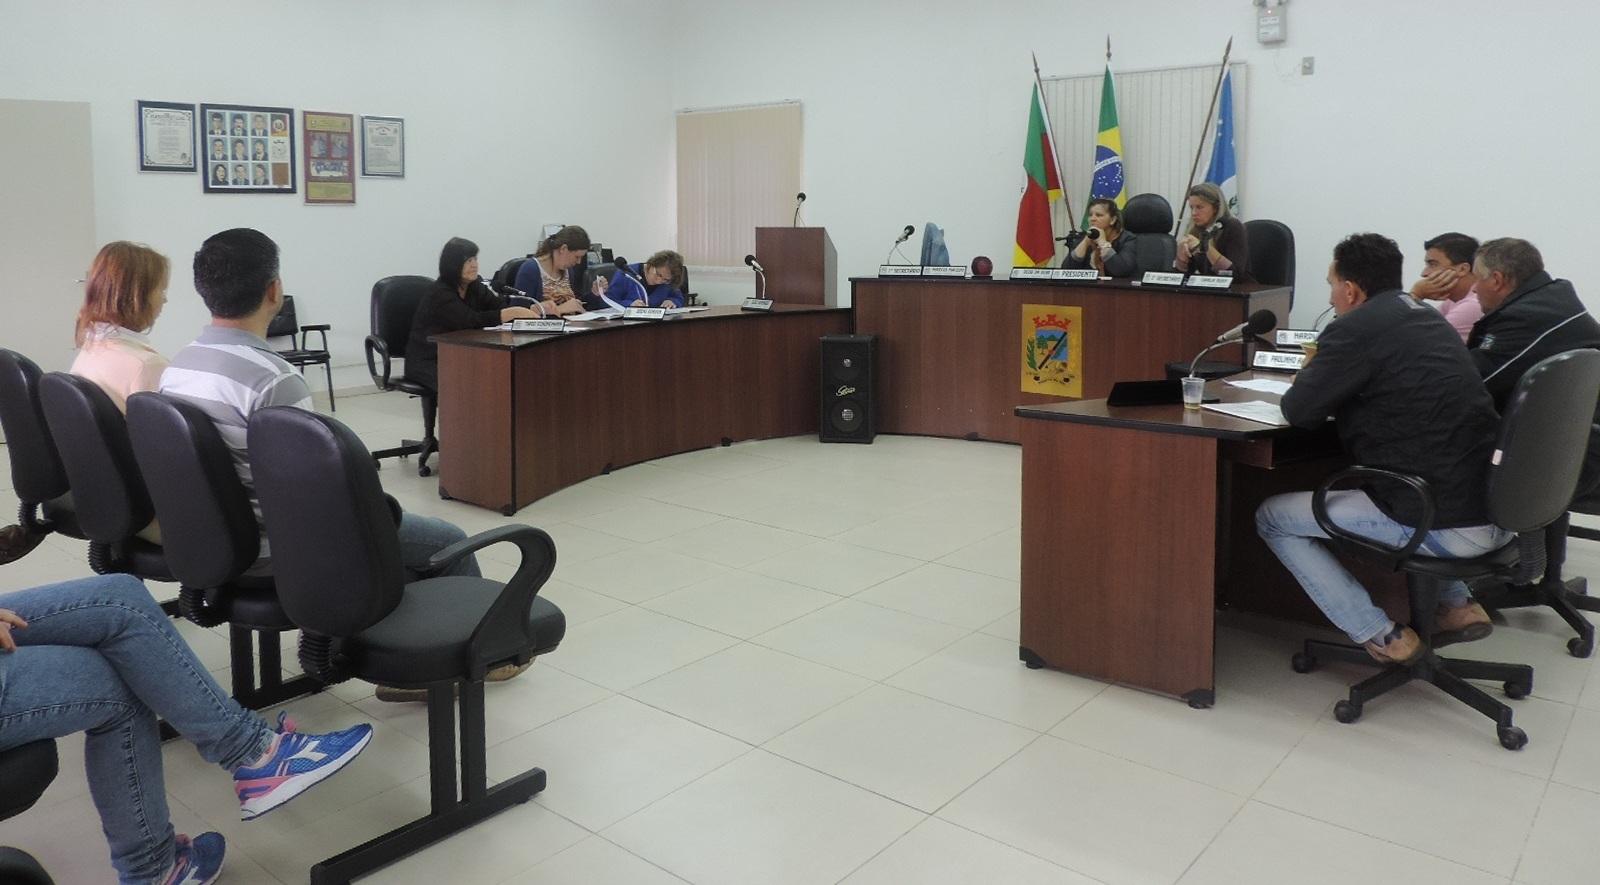 Audiência pública para apresentação da LOA- Lei Orçamentária Anual para 2016